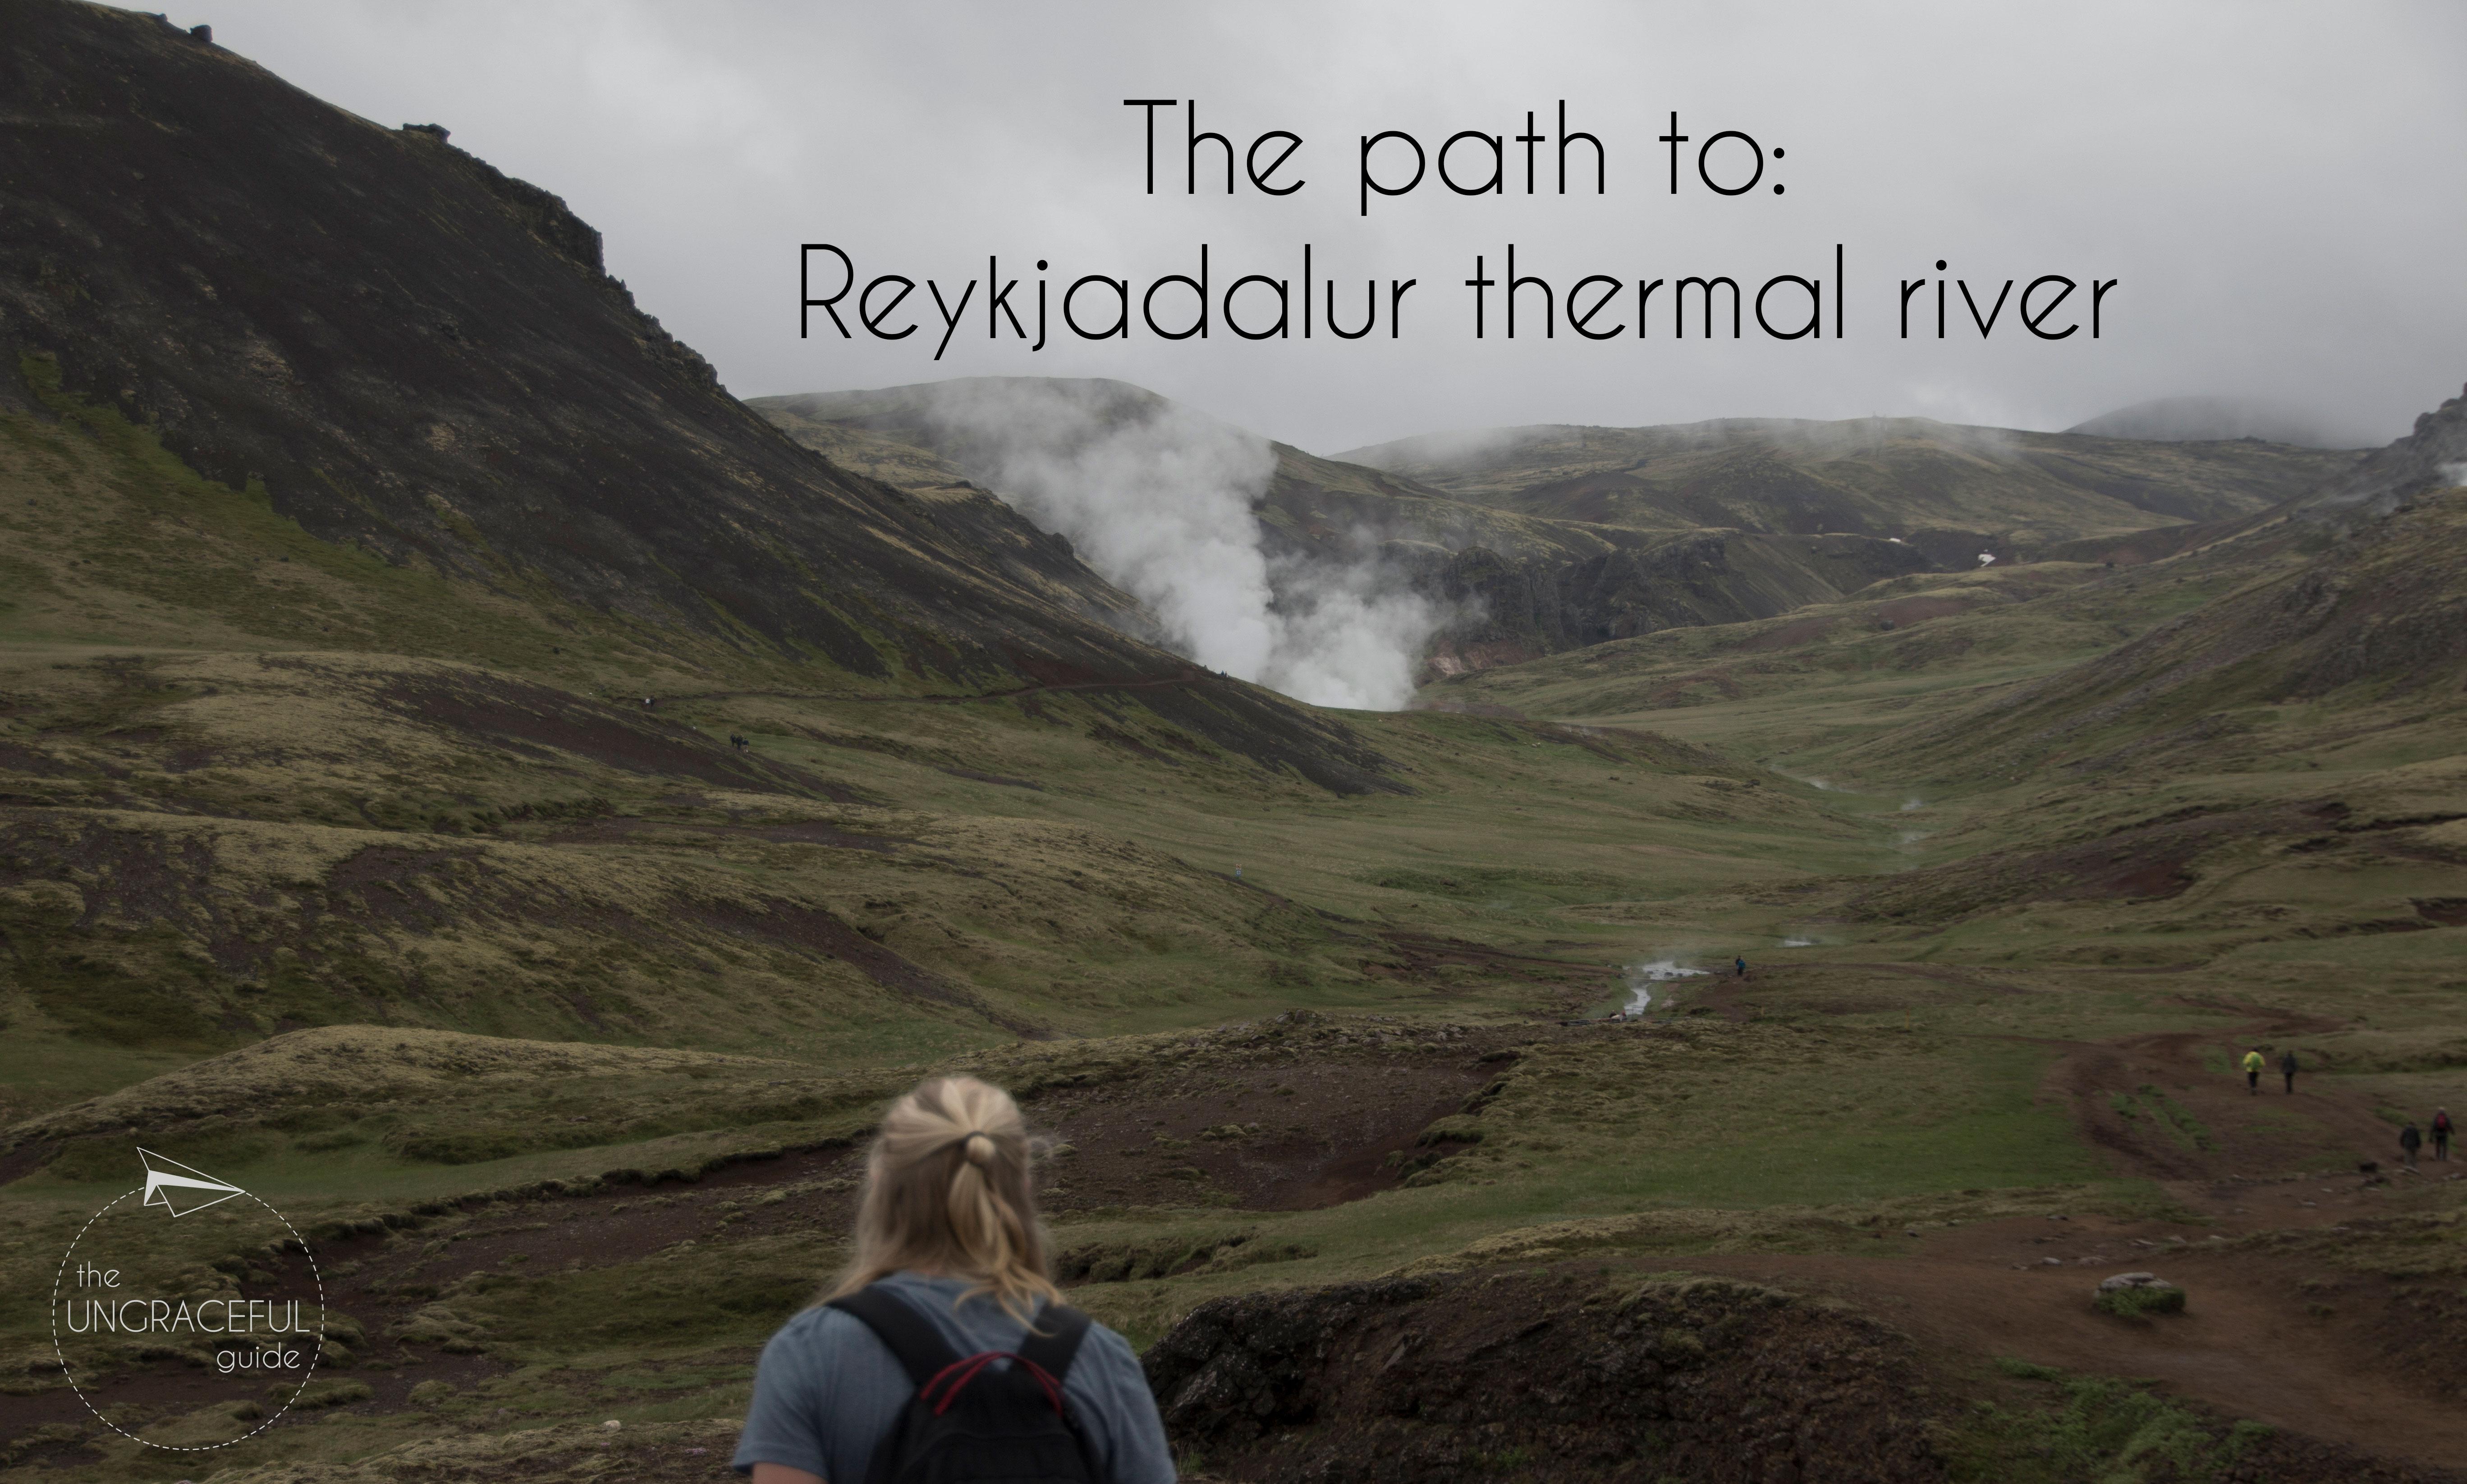 """<img src=""""data:image/gif;base64,R0lGODdhAQABAPAAAP///wAAACwAAAAAAQABAEACAkQBADs="""" data-lazy-src=""""images/"""" width=""""800"""" height=""""600"""" alt=""""iceland - Reykjadalur - Iceland: How to get the most on a budget"""">"""